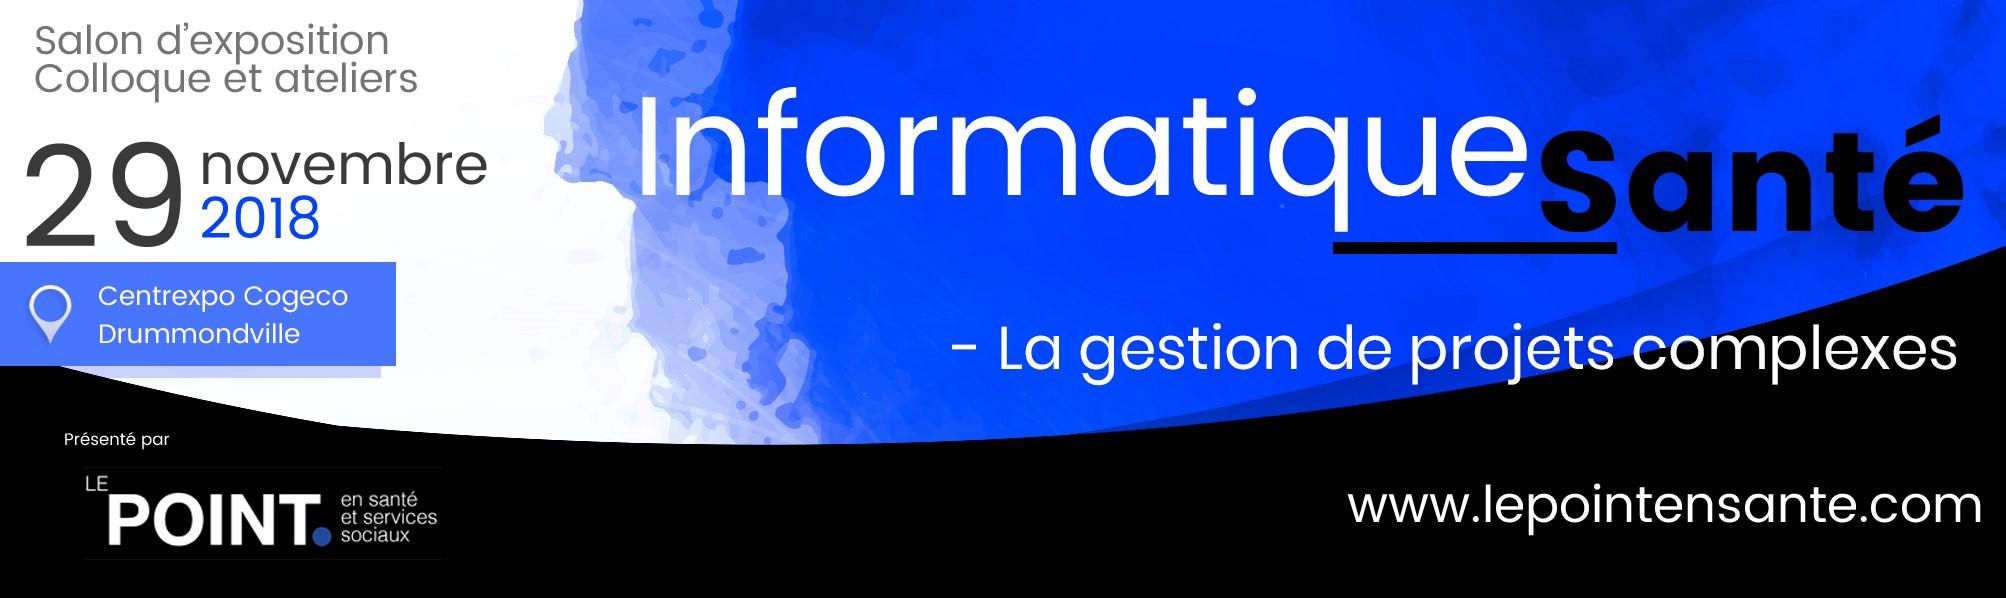 Qualicode Salon Informatique Sante